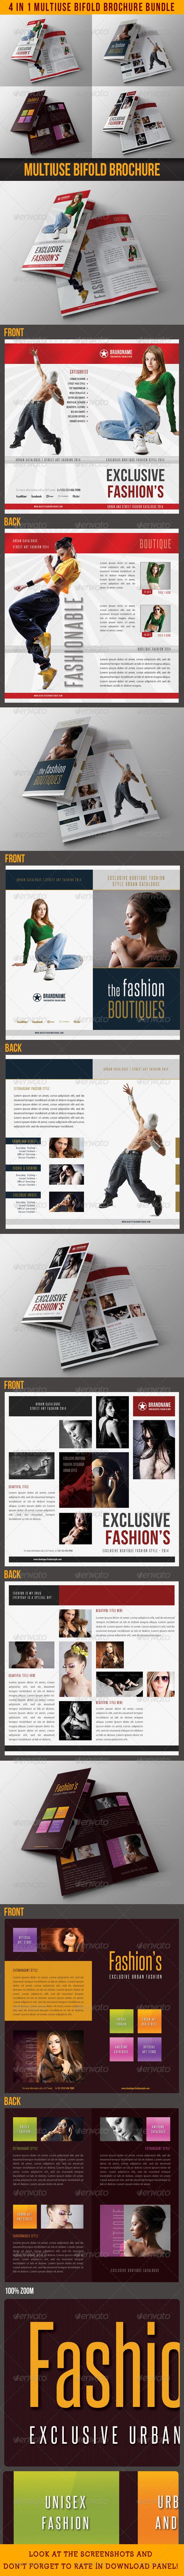 GraphicRiver 4 in 1 Fashion Multiuse Bifold Brochure Bundle 07 7772315